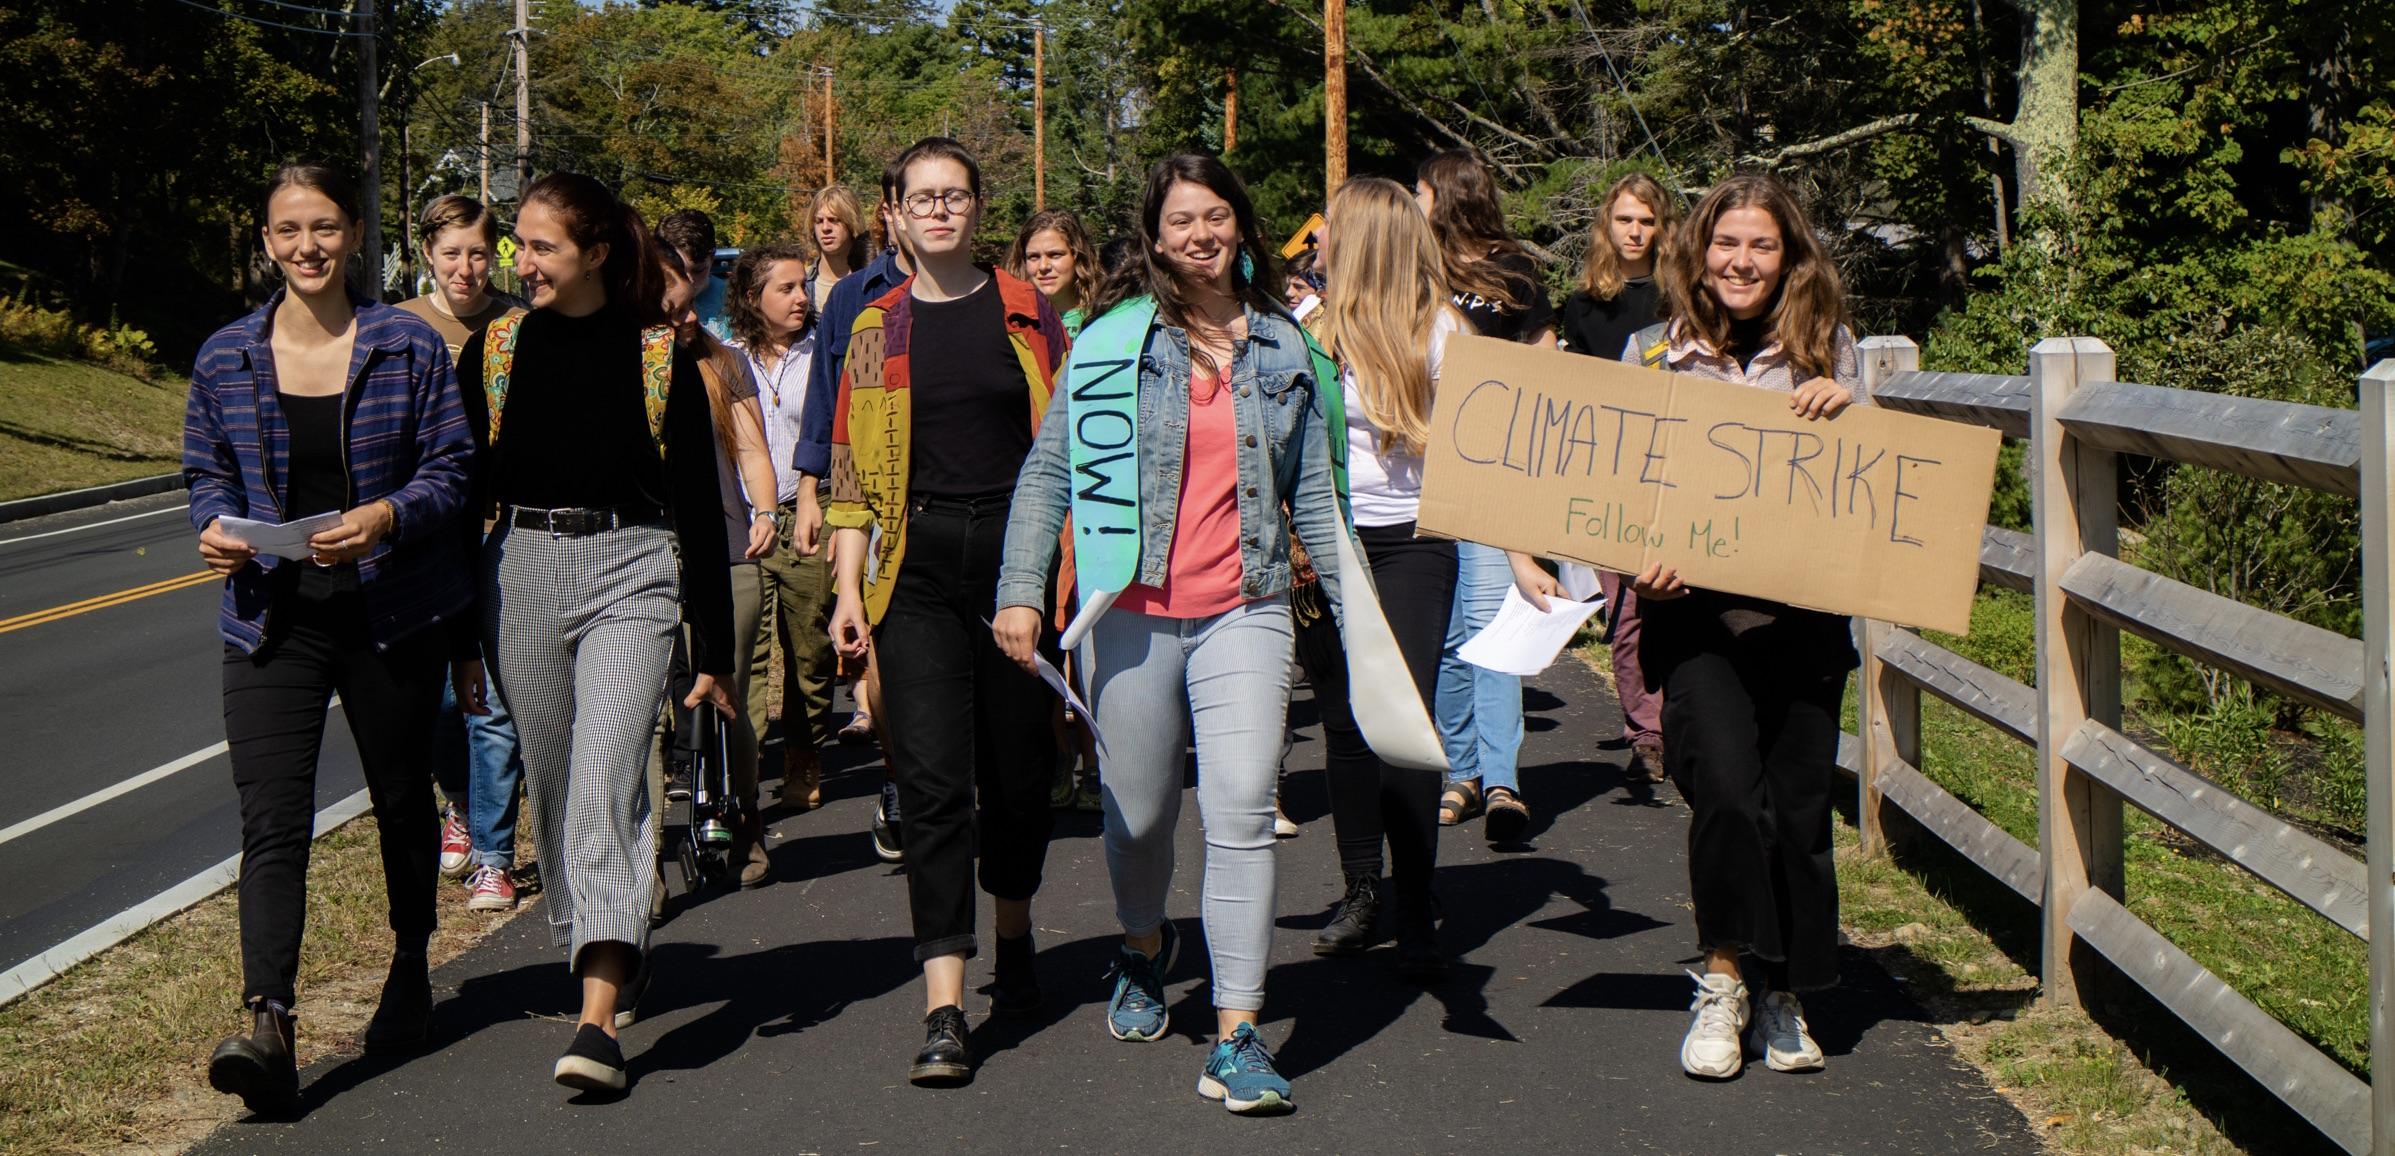 Climate_strike_0920-2